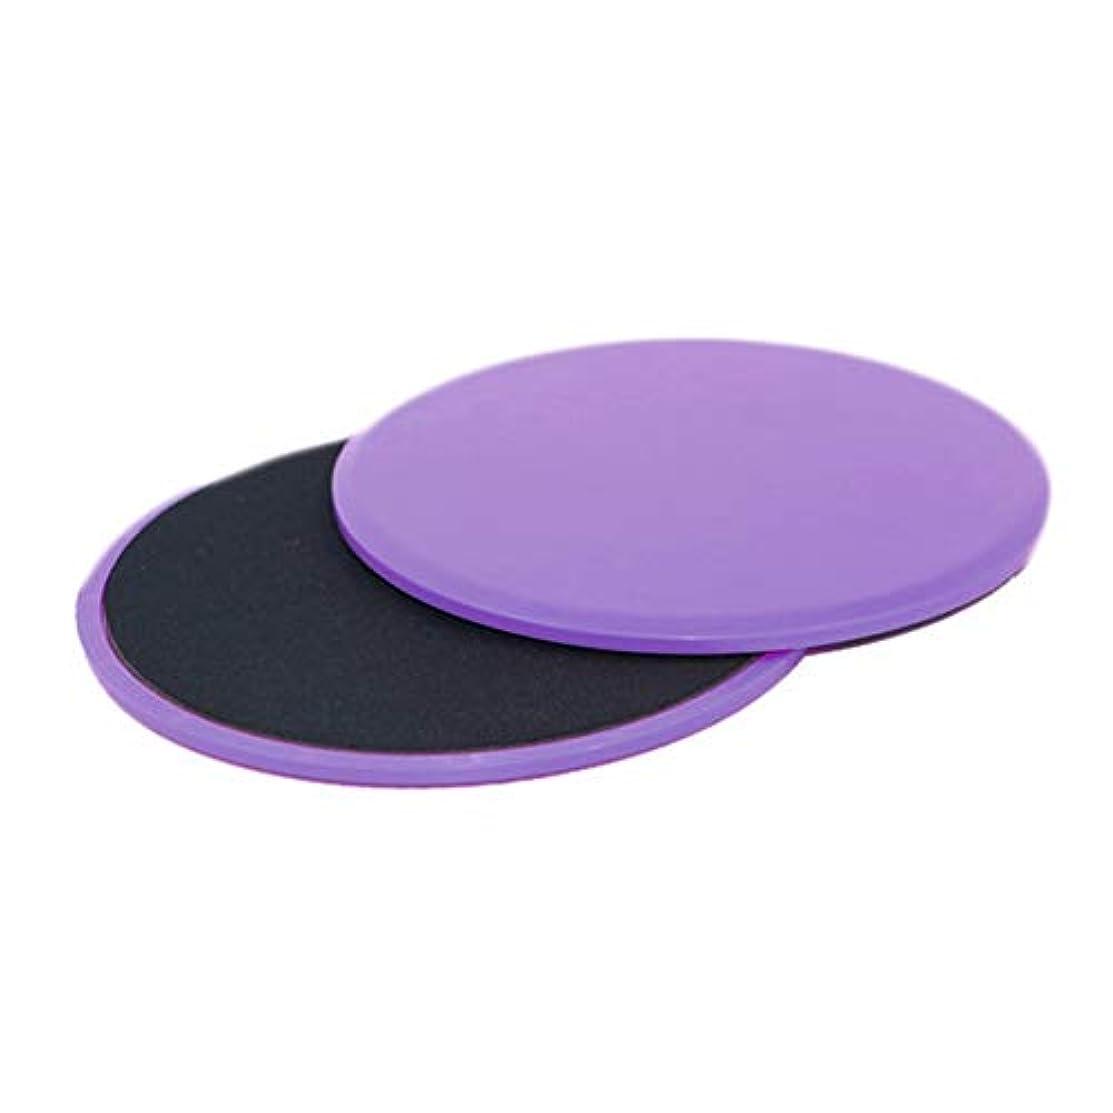 法的しゃがむ変形するフィットネススライドグライディングディスク調整能力フィットネスエクササイズスライダーコアトレーニング腹部と全身トレーニング - パープル